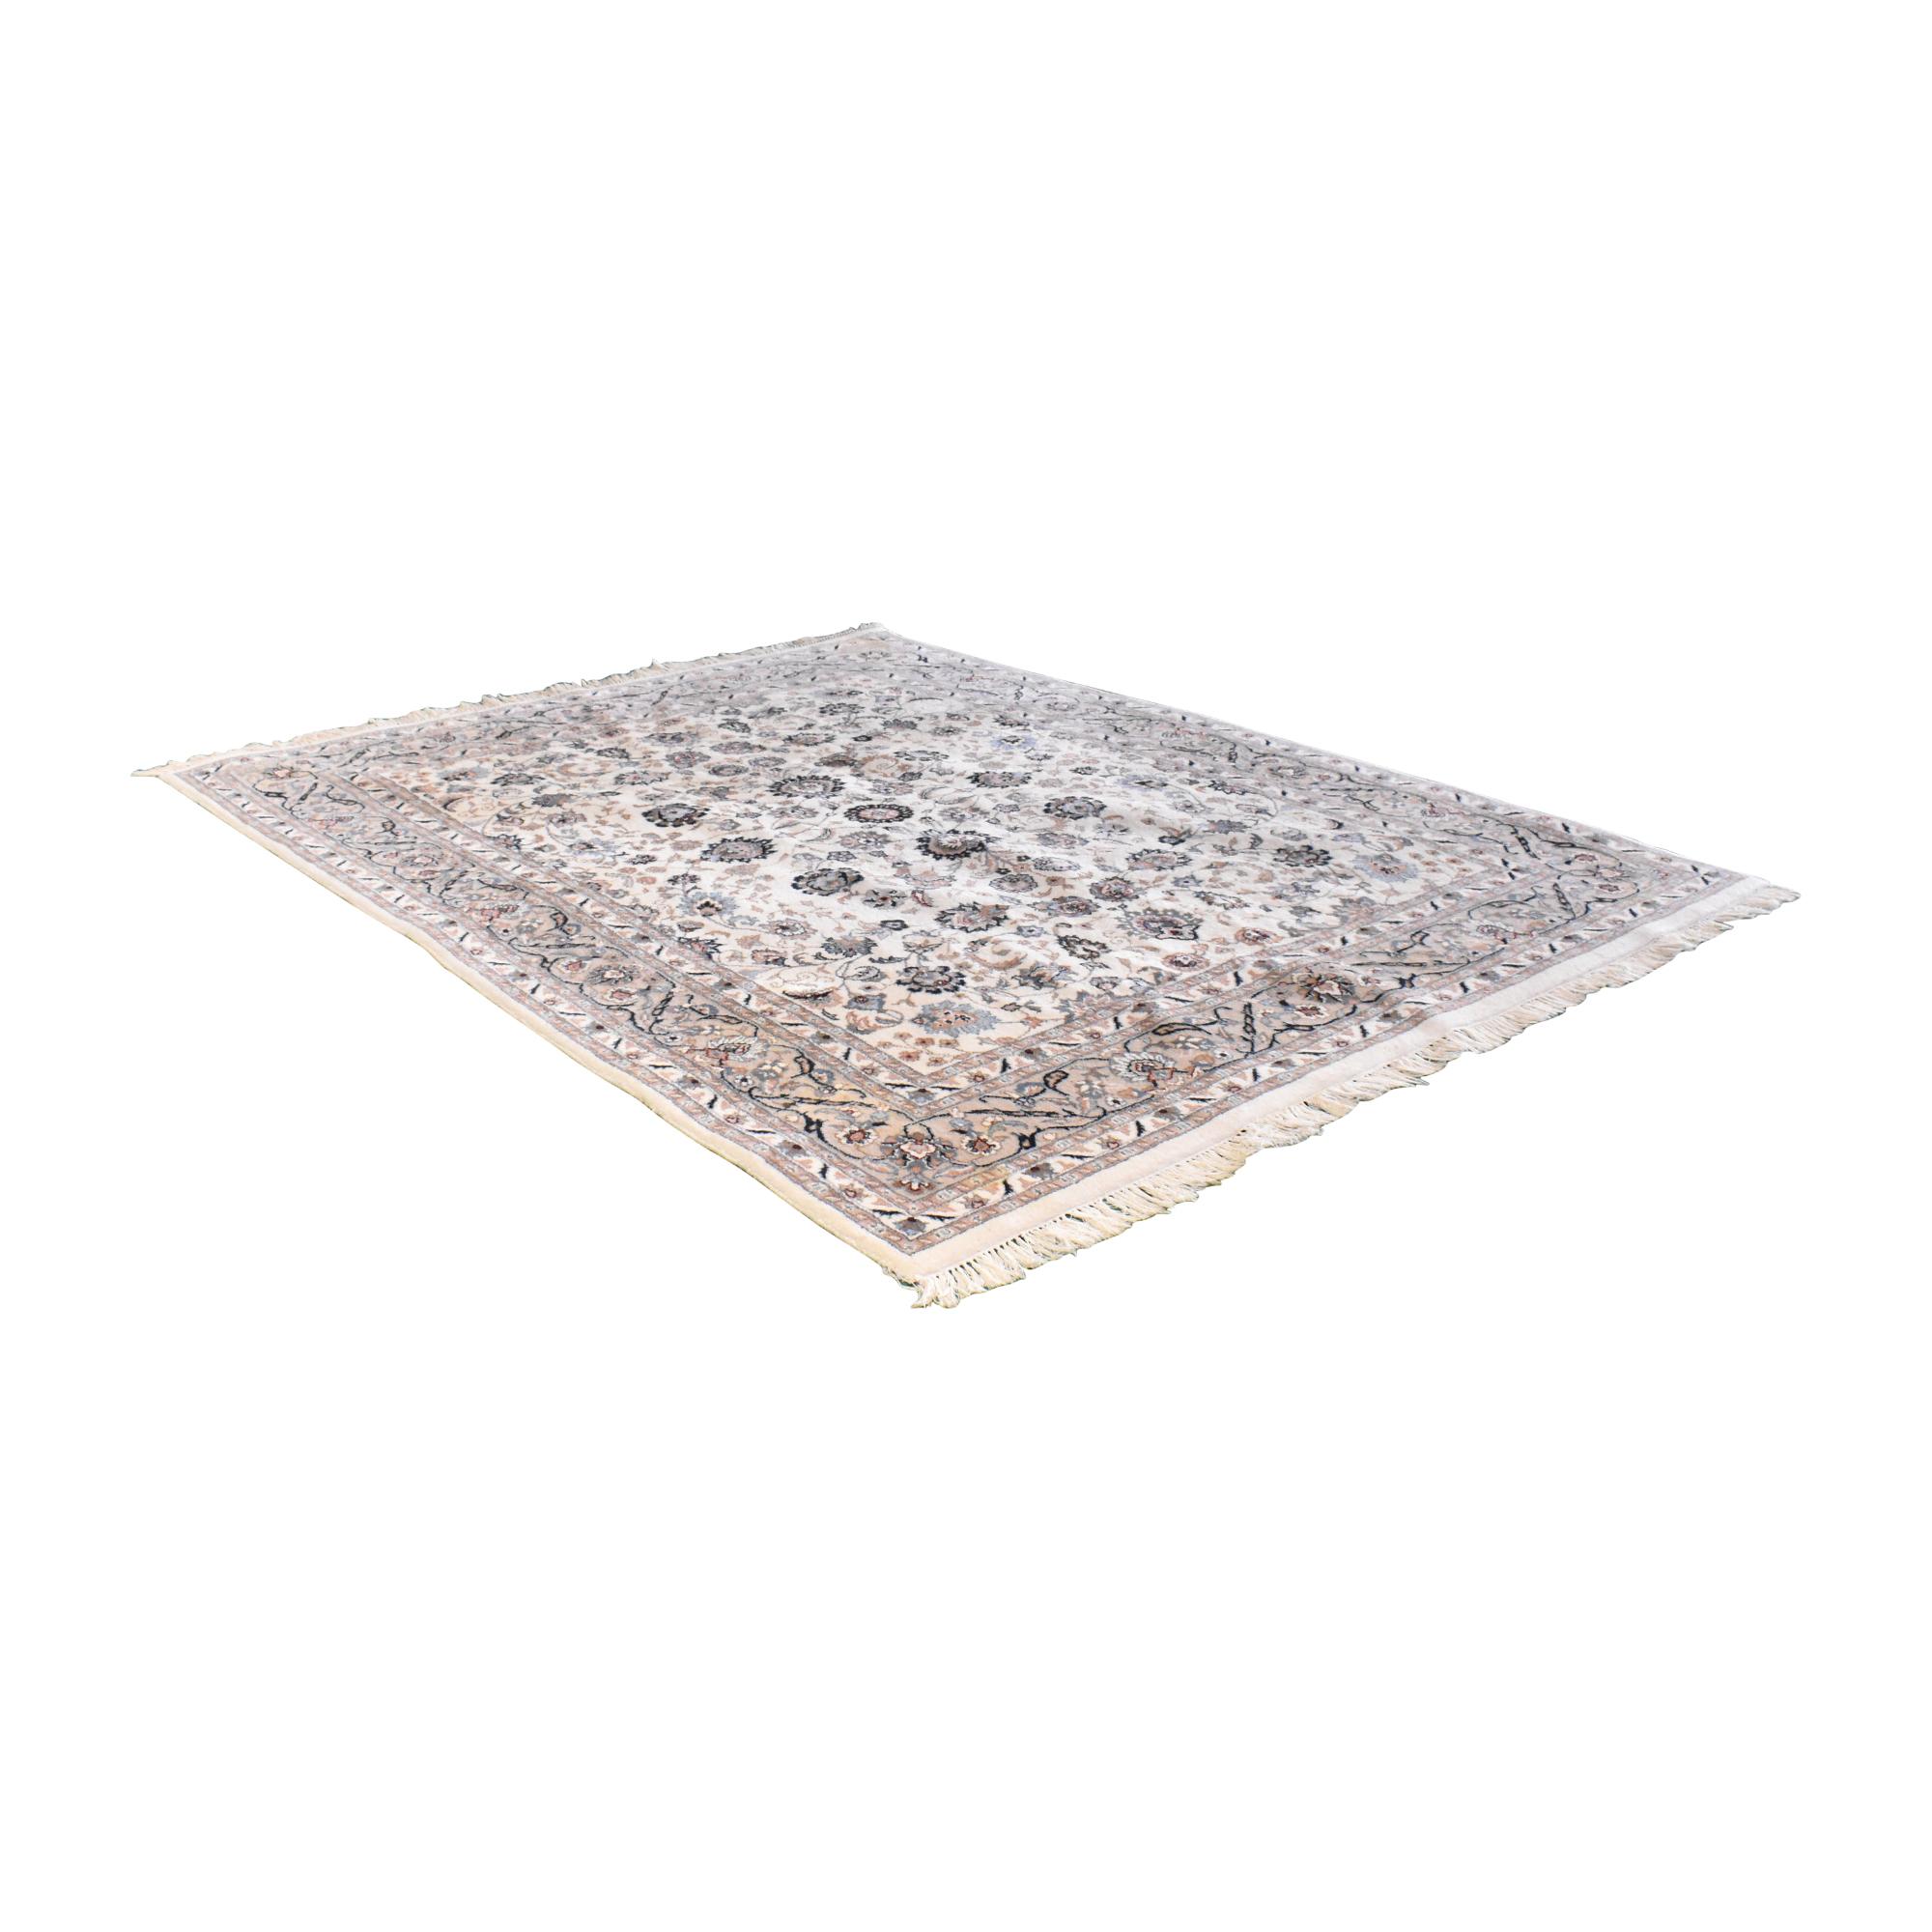 ABC Carpet & Home ABC Carpet & Home Area Rug nyc